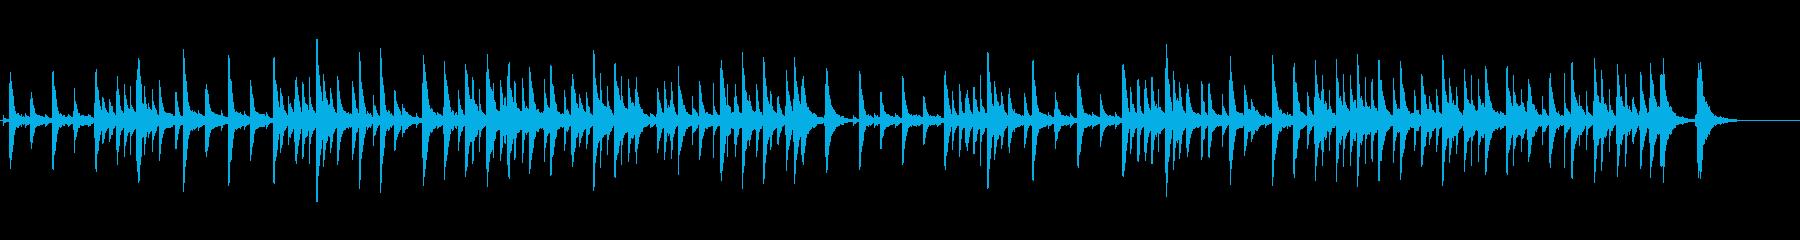 リラックスさせ眠りをいざなうオルゴール曲の再生済みの波形